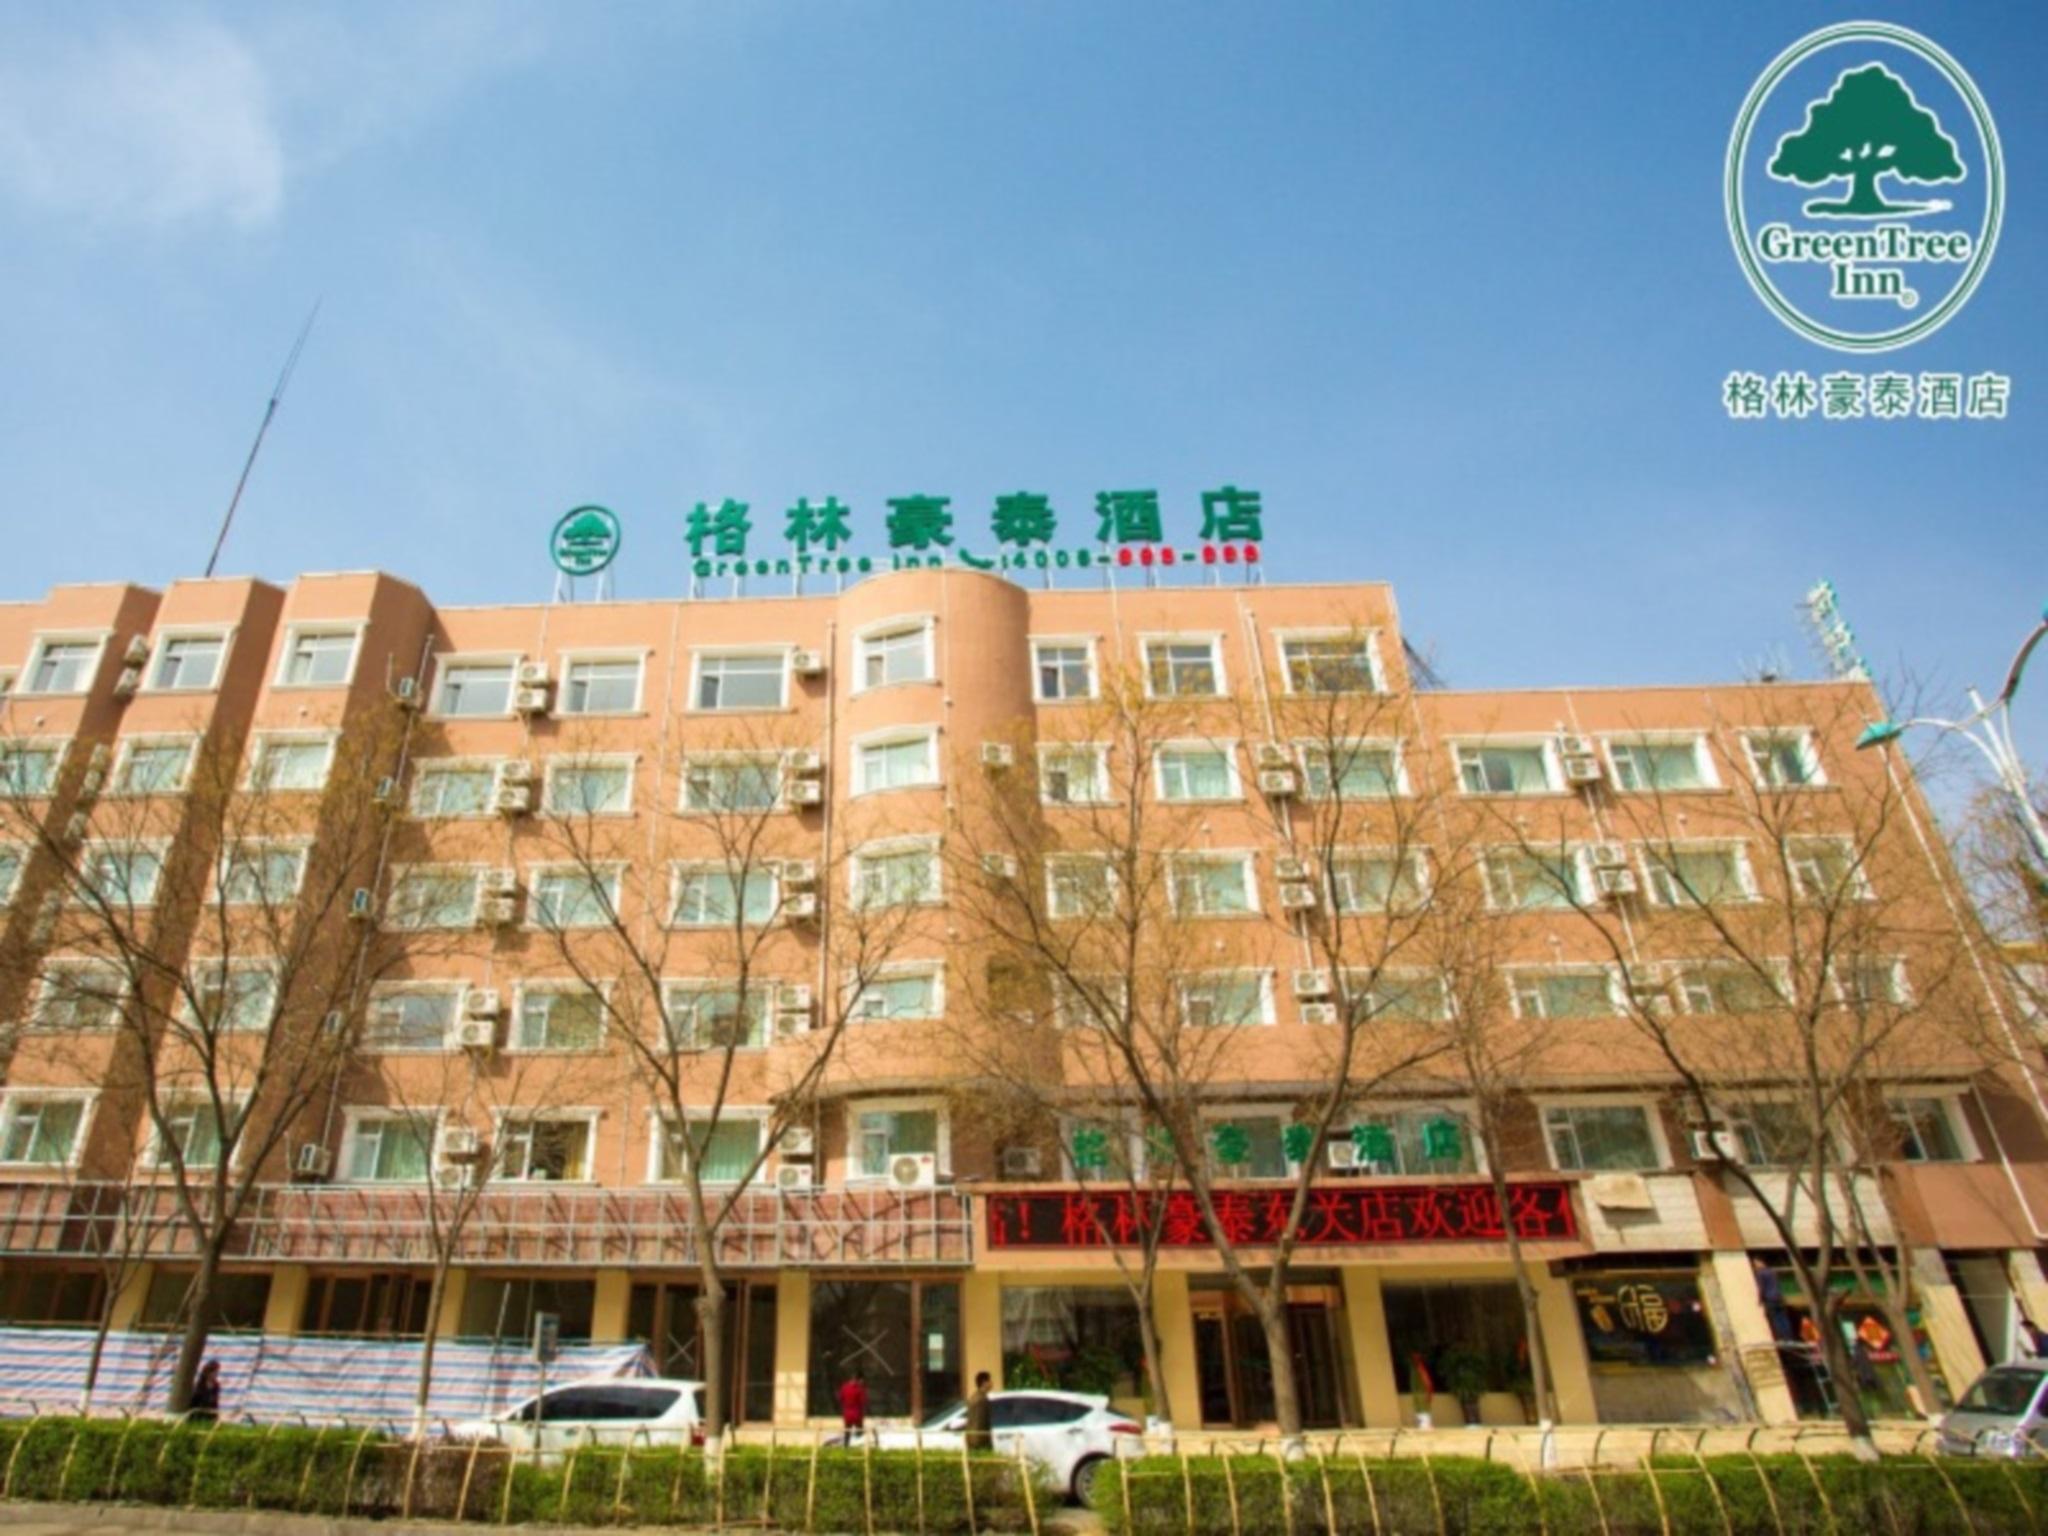 GreenTree Inn Gansu Wuwei Dongguan Fumin Road Express Hotel